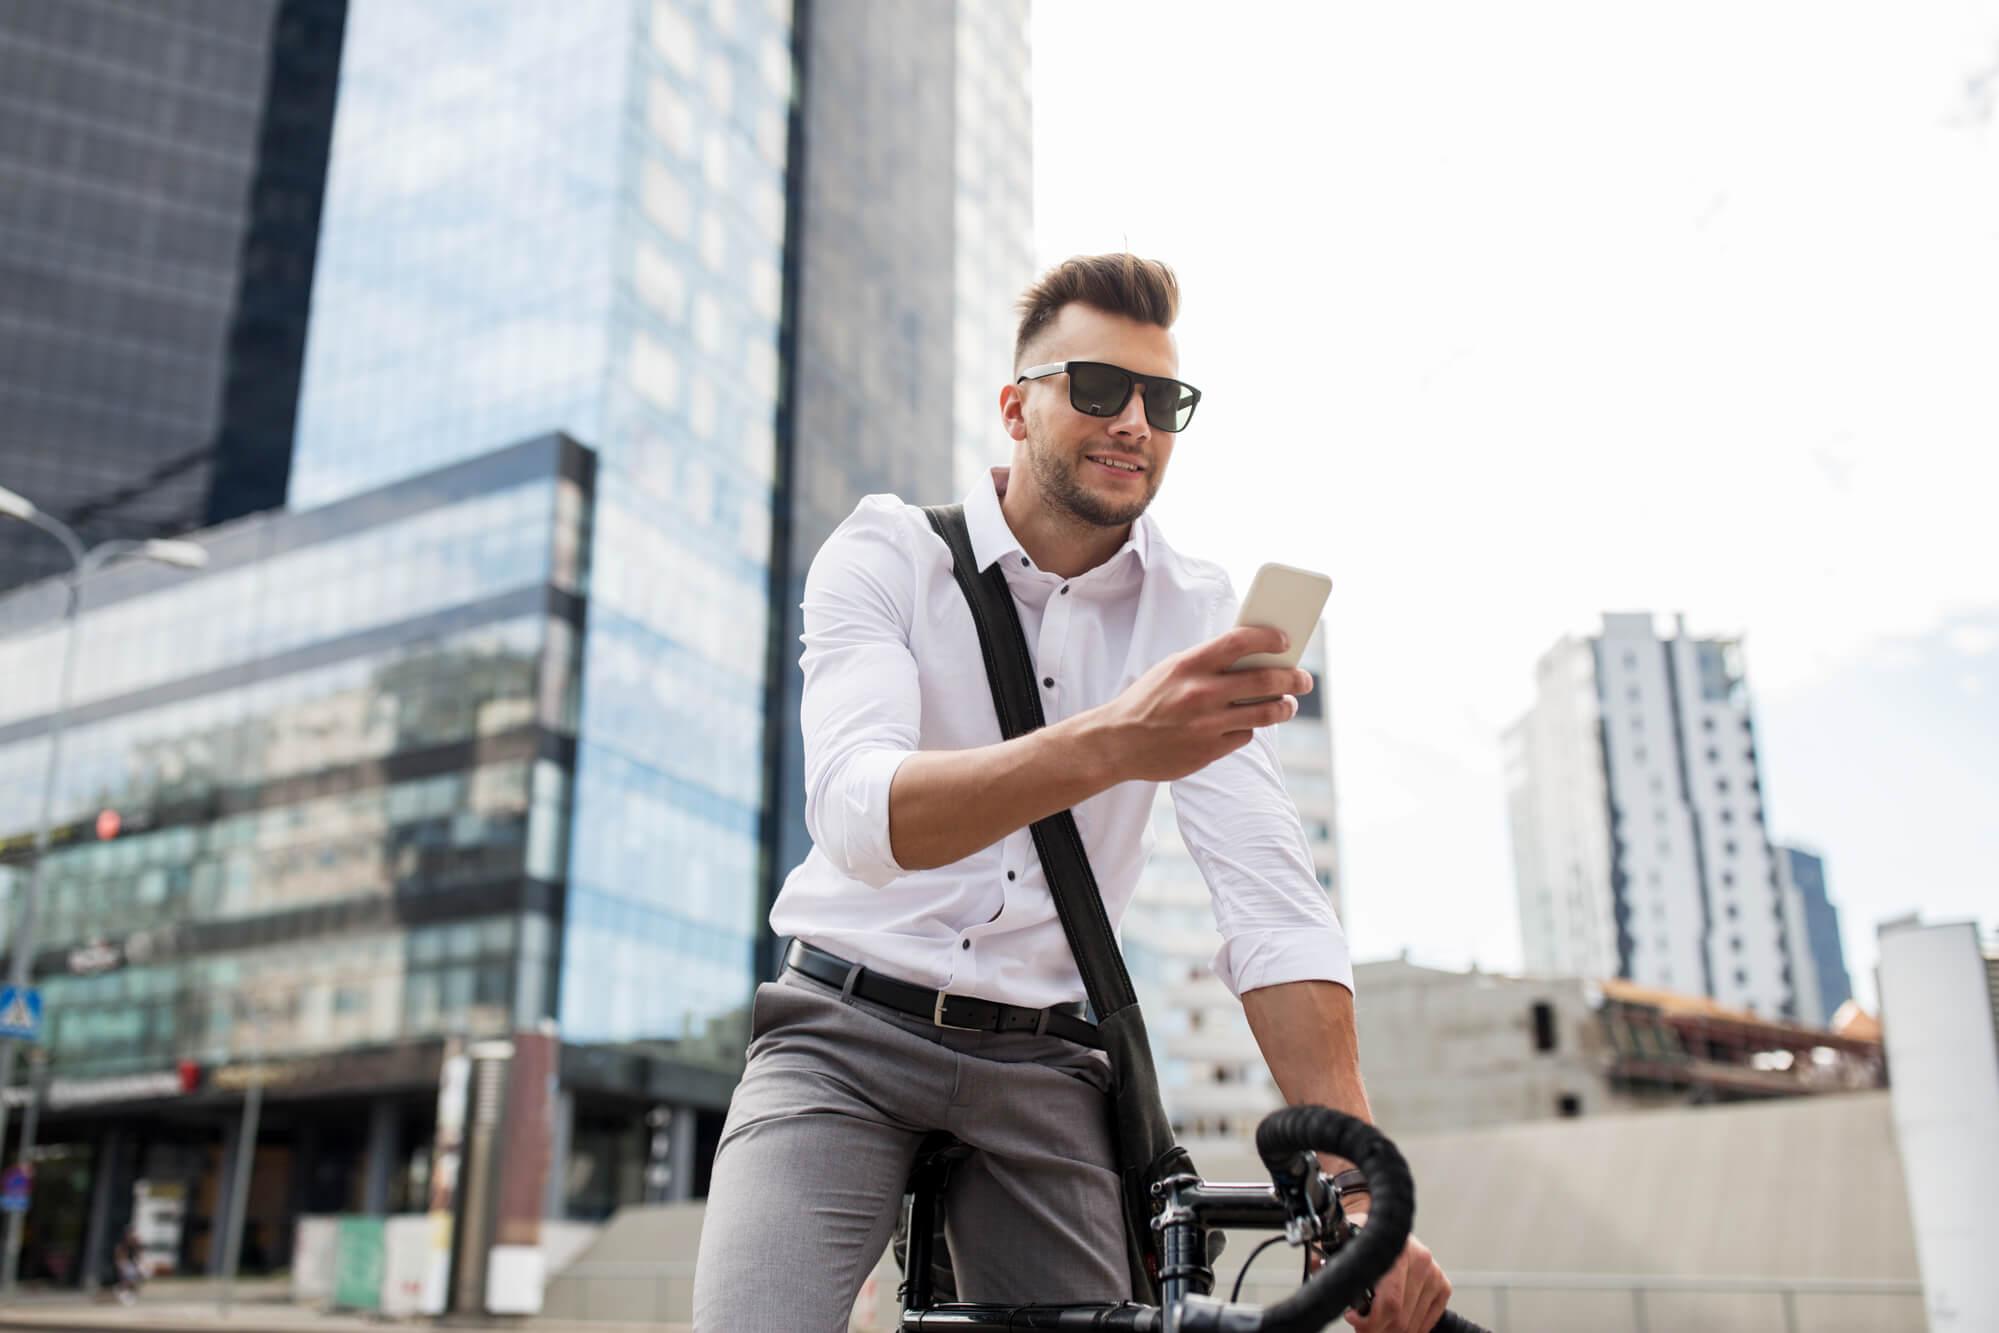 Conheça 5 exemplos de Internet das Coisas (IoT) corporativa